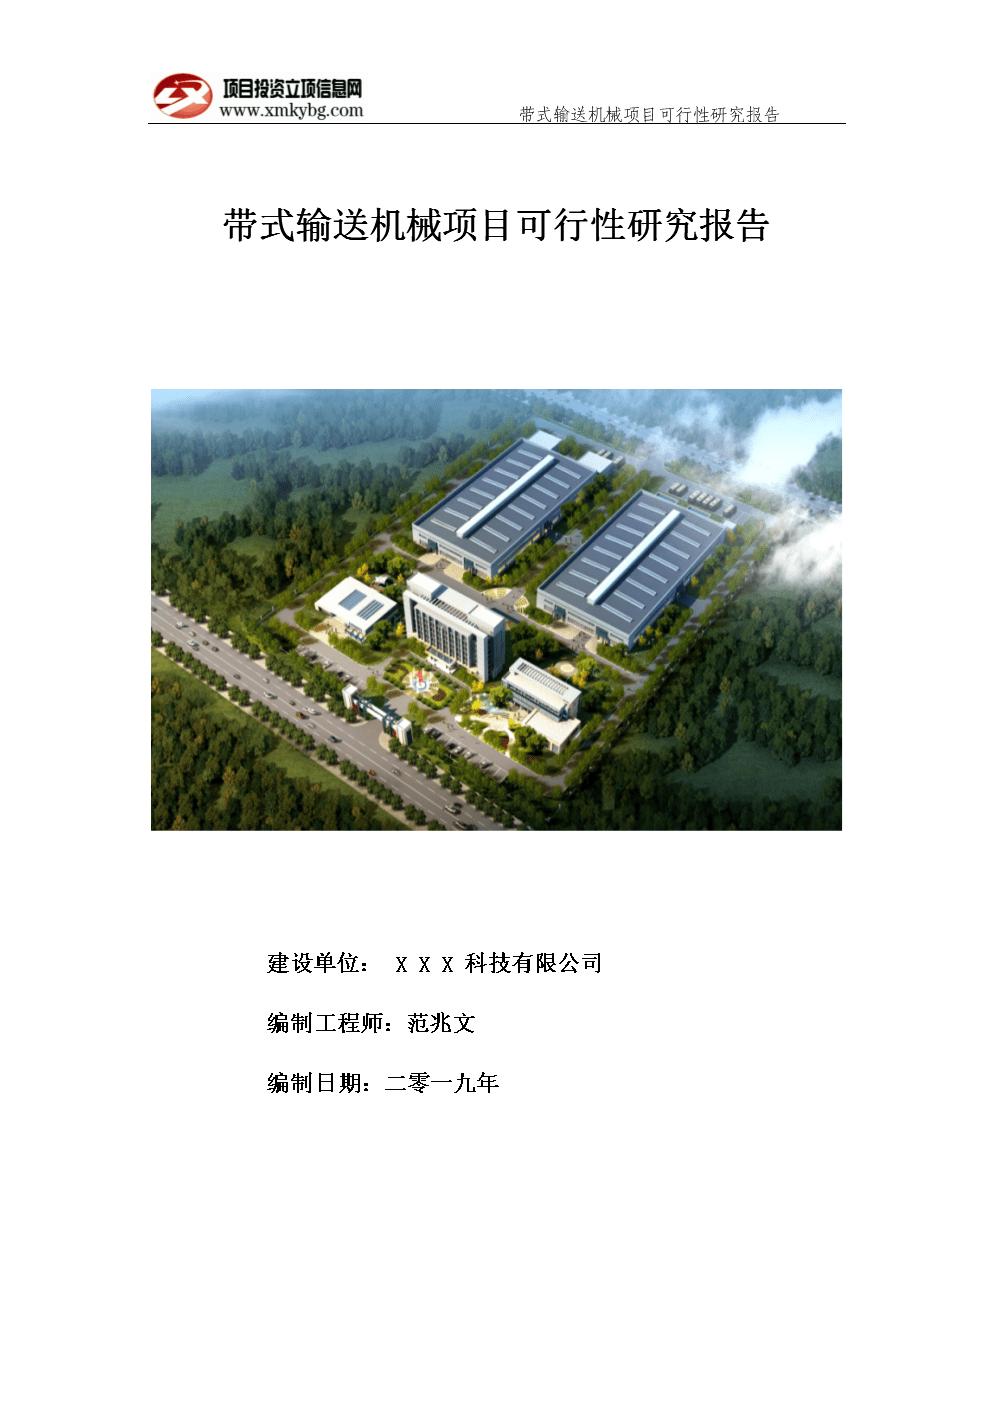 带式输送机械项目可行性研究报告-用于备案立项.doc